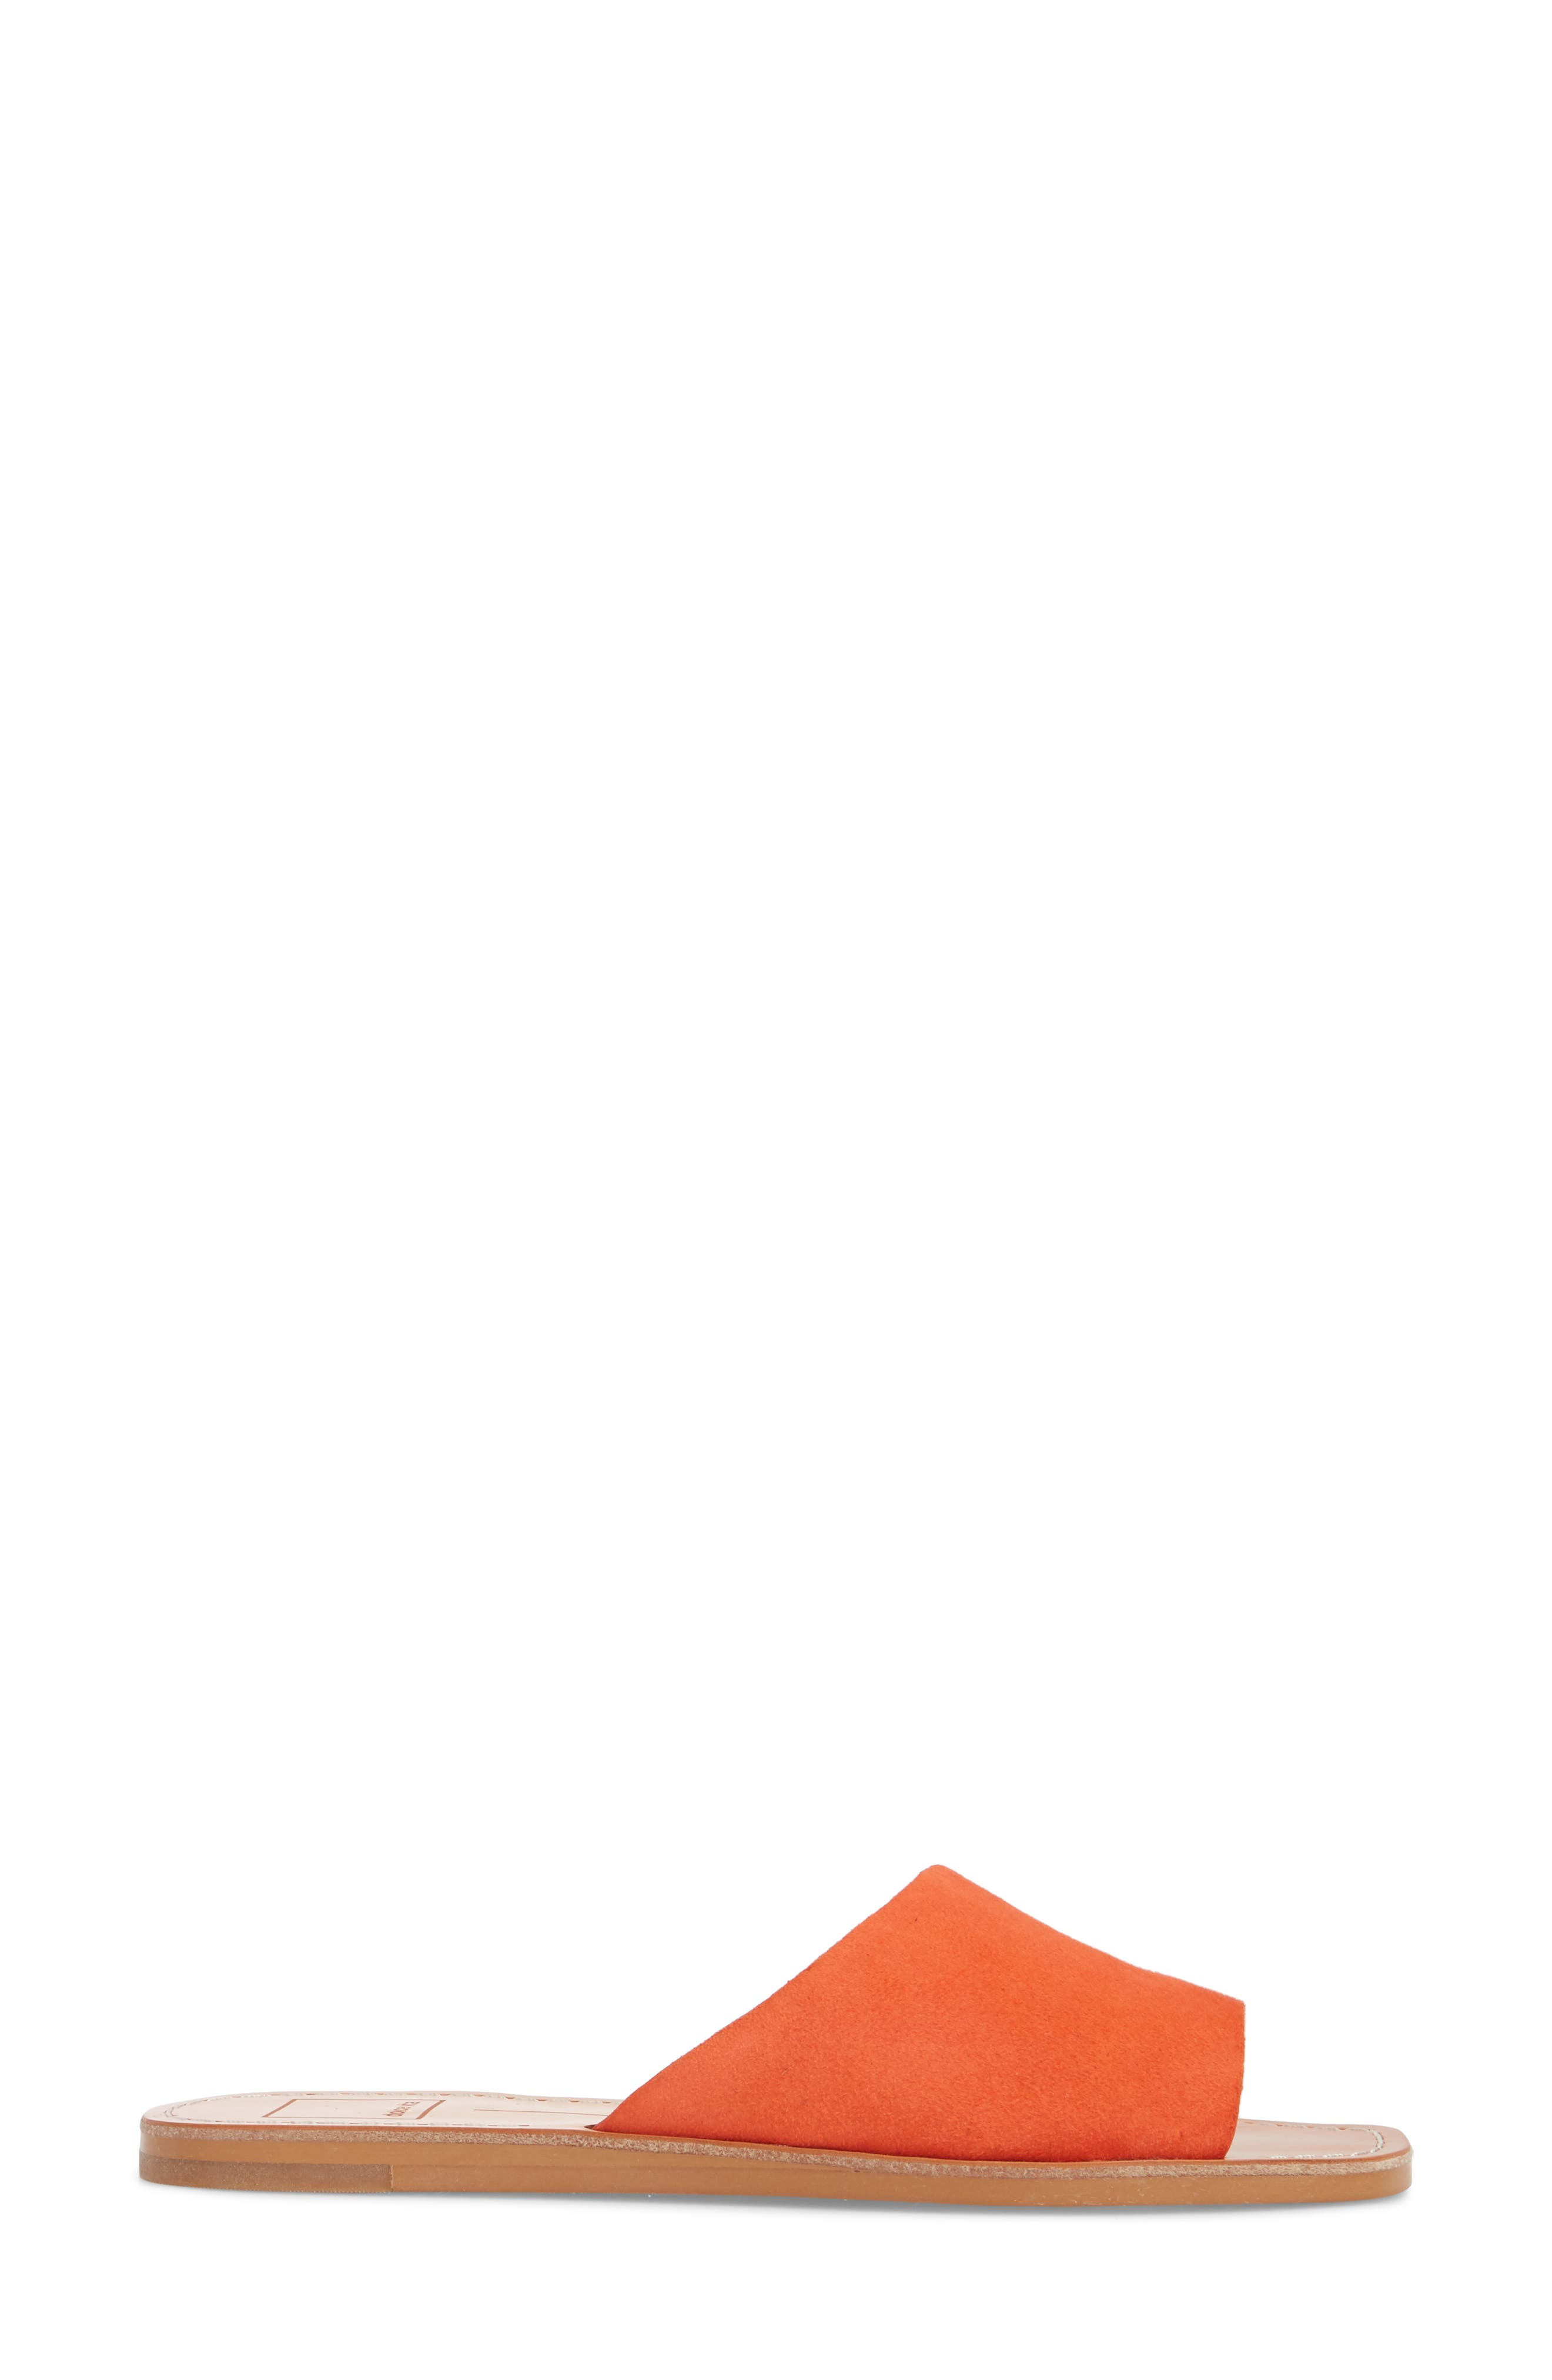 Cato Asymmetrical Slide Sandal,                             Alternate thumbnail 20, color,